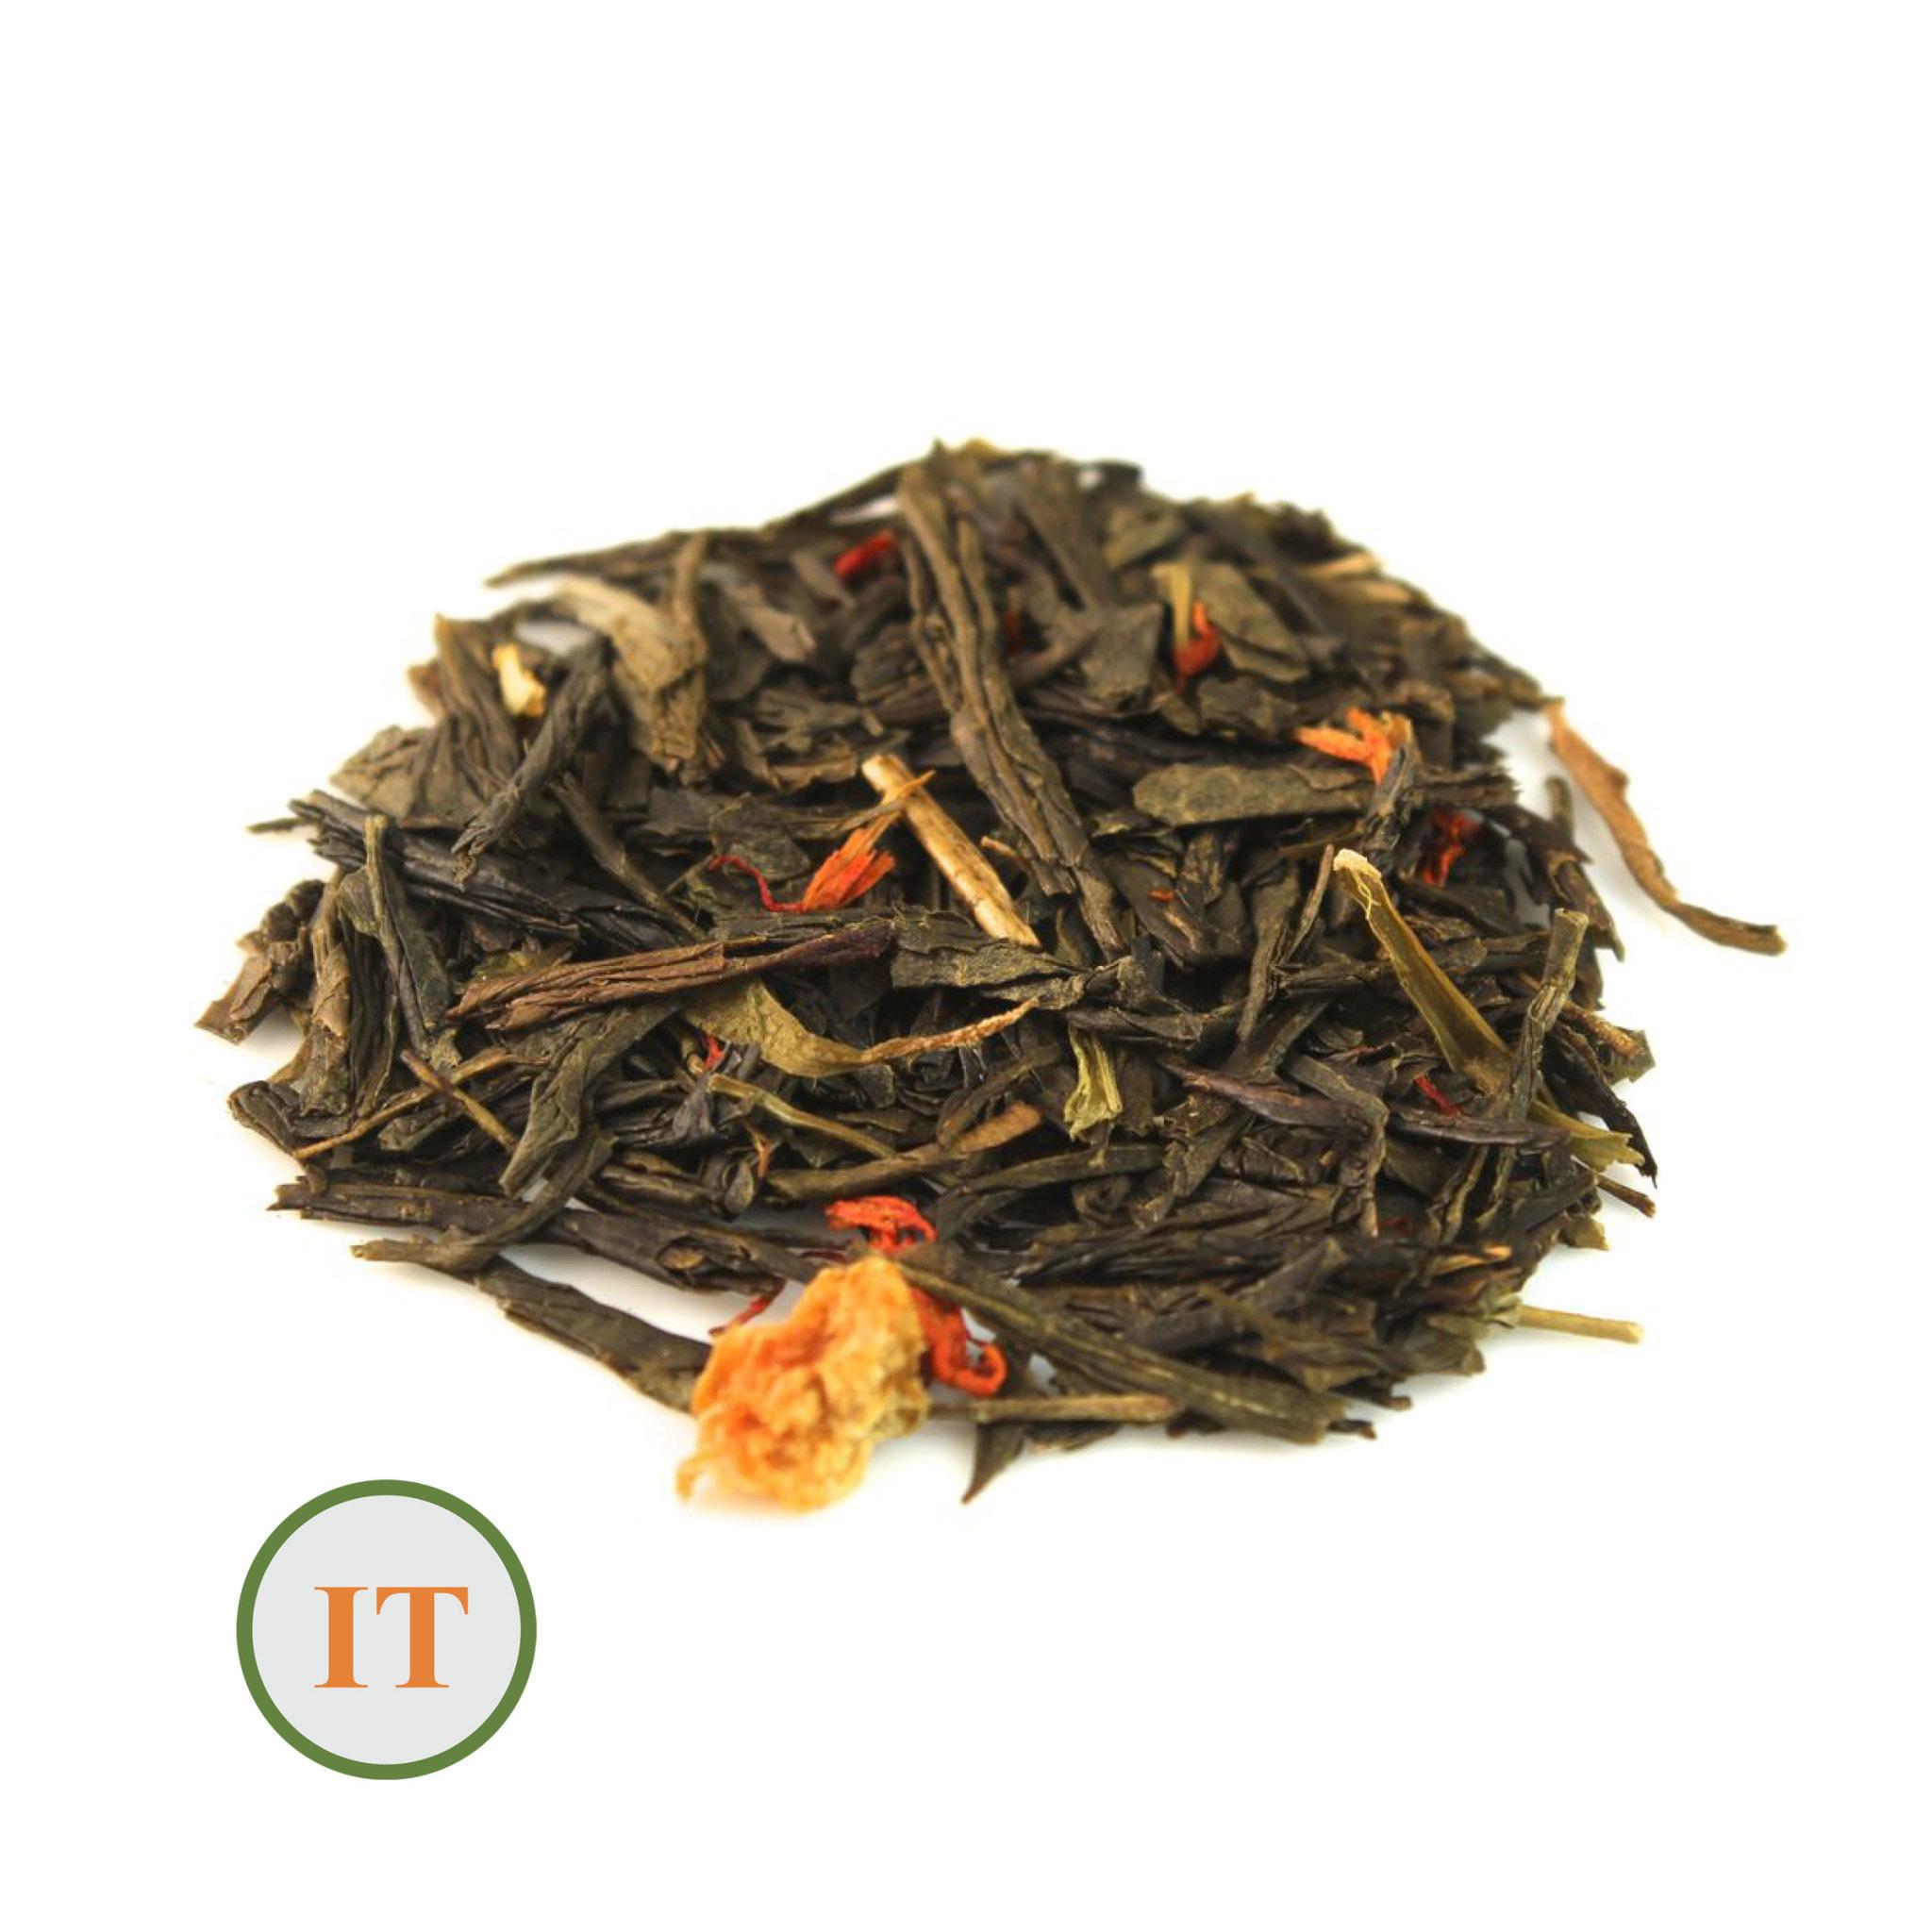 Teas Green Tea - Summer Breeze